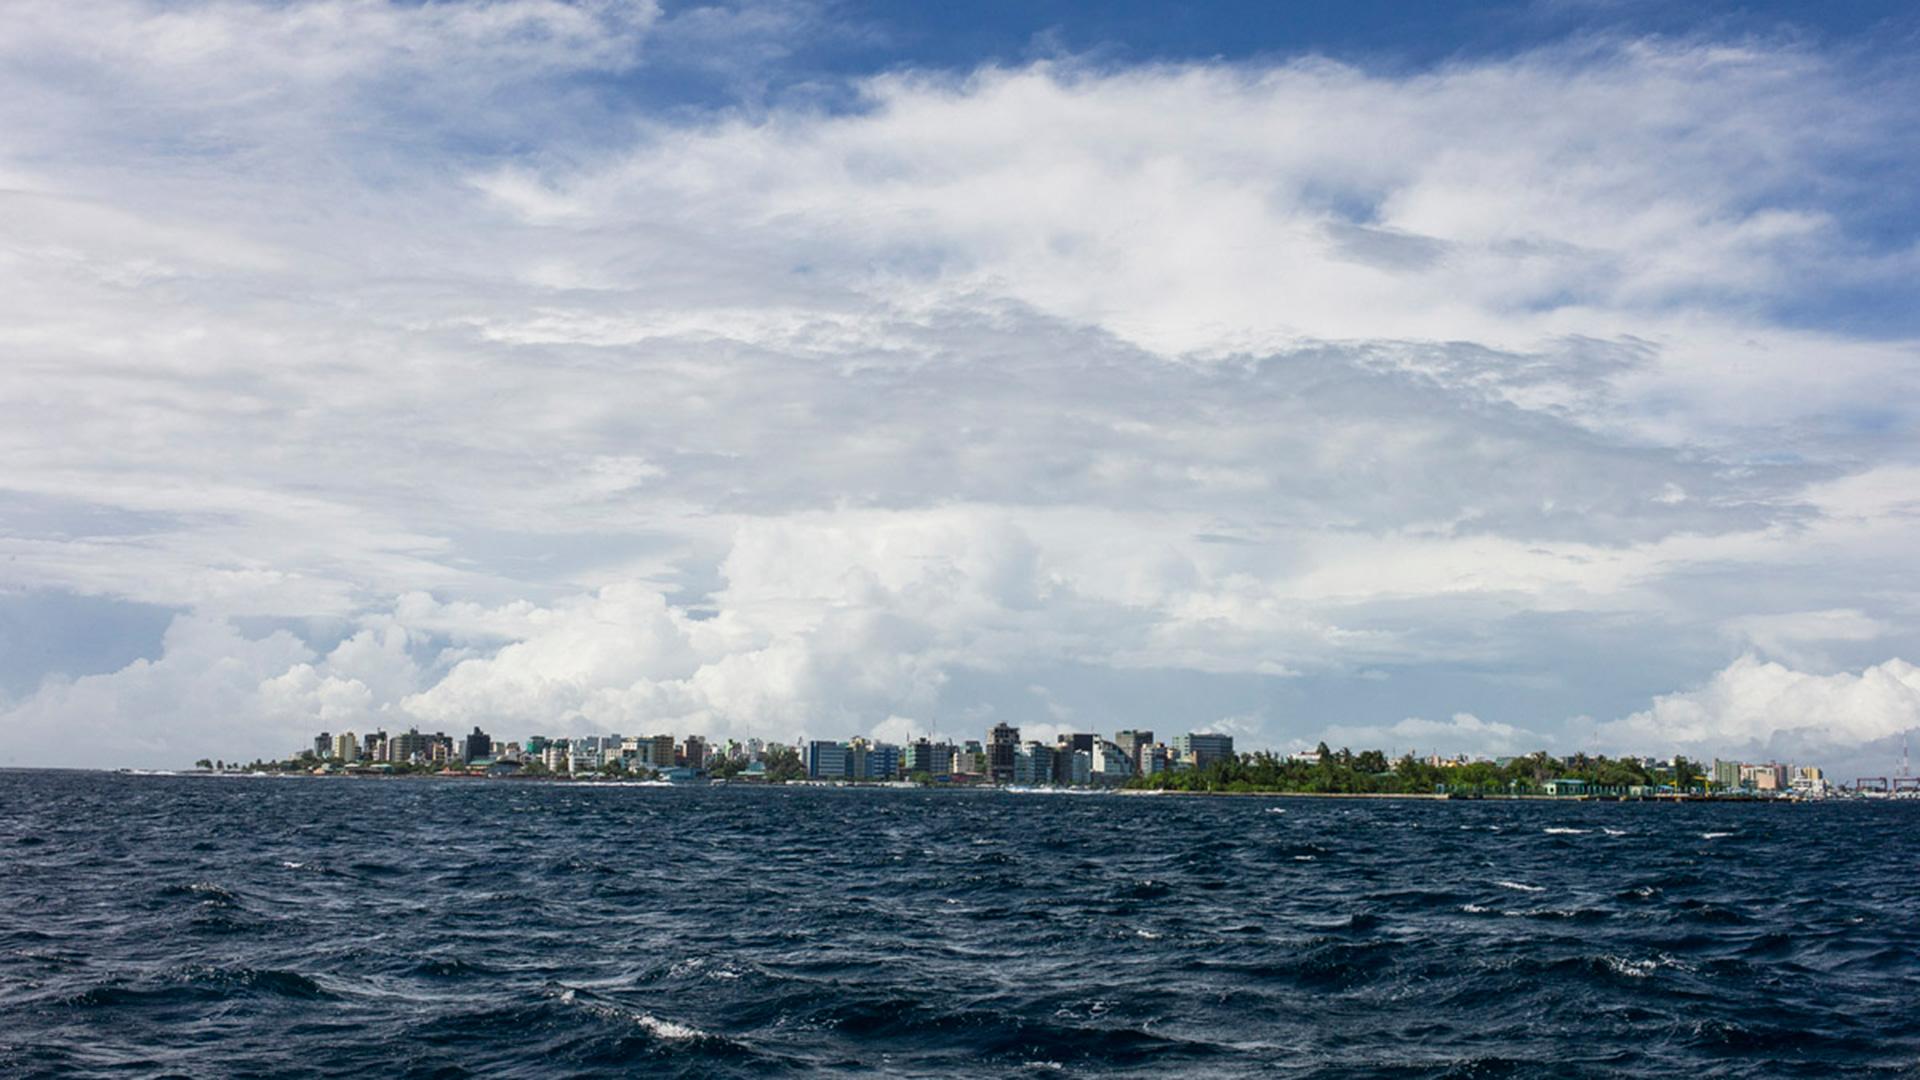 The Maldive Islands